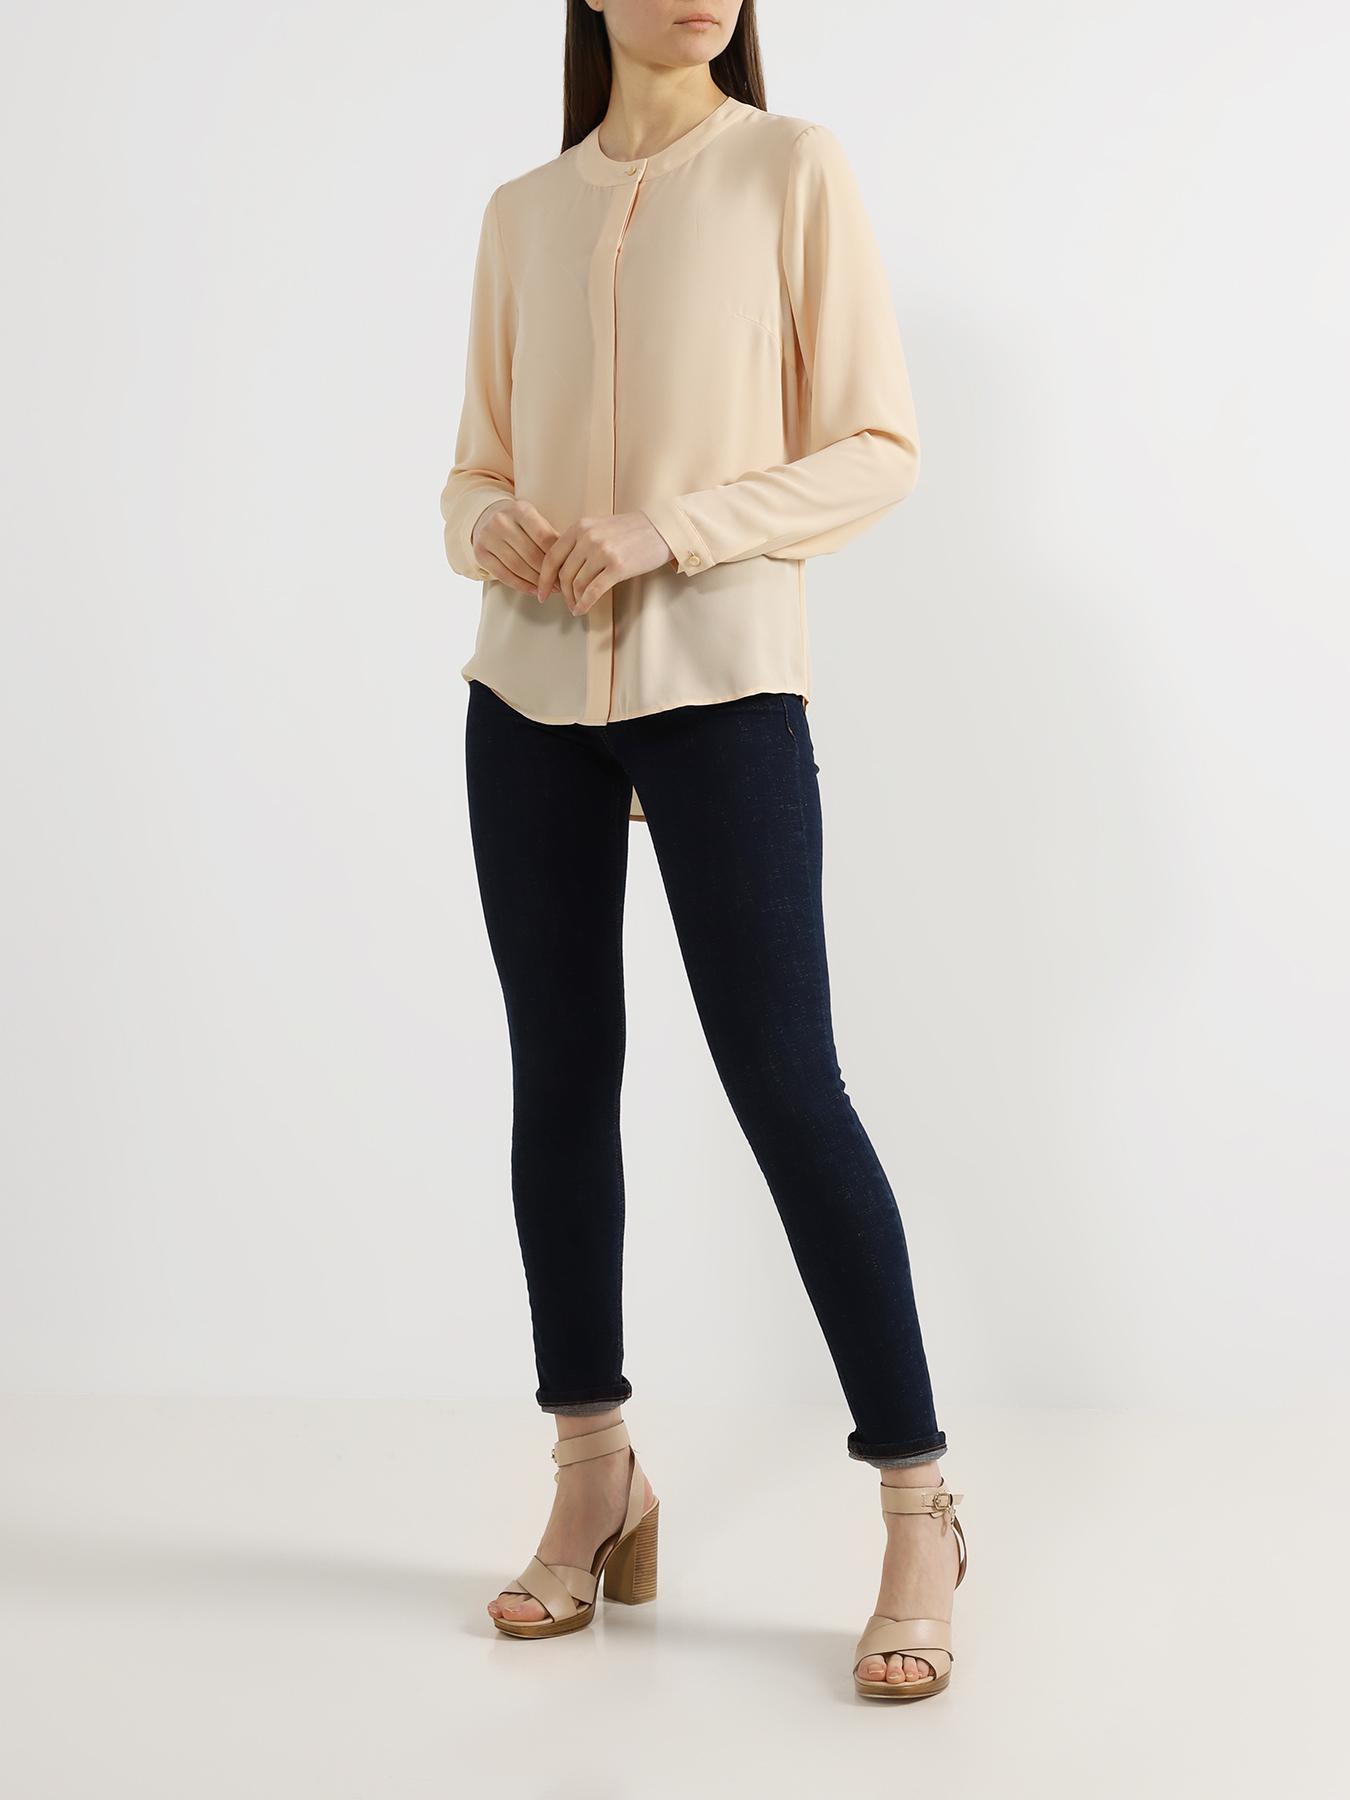 Блузка ORSA Orange Блузка Bianca настольная лампа lucia tucci pelle bianca pelle bianca t119 1